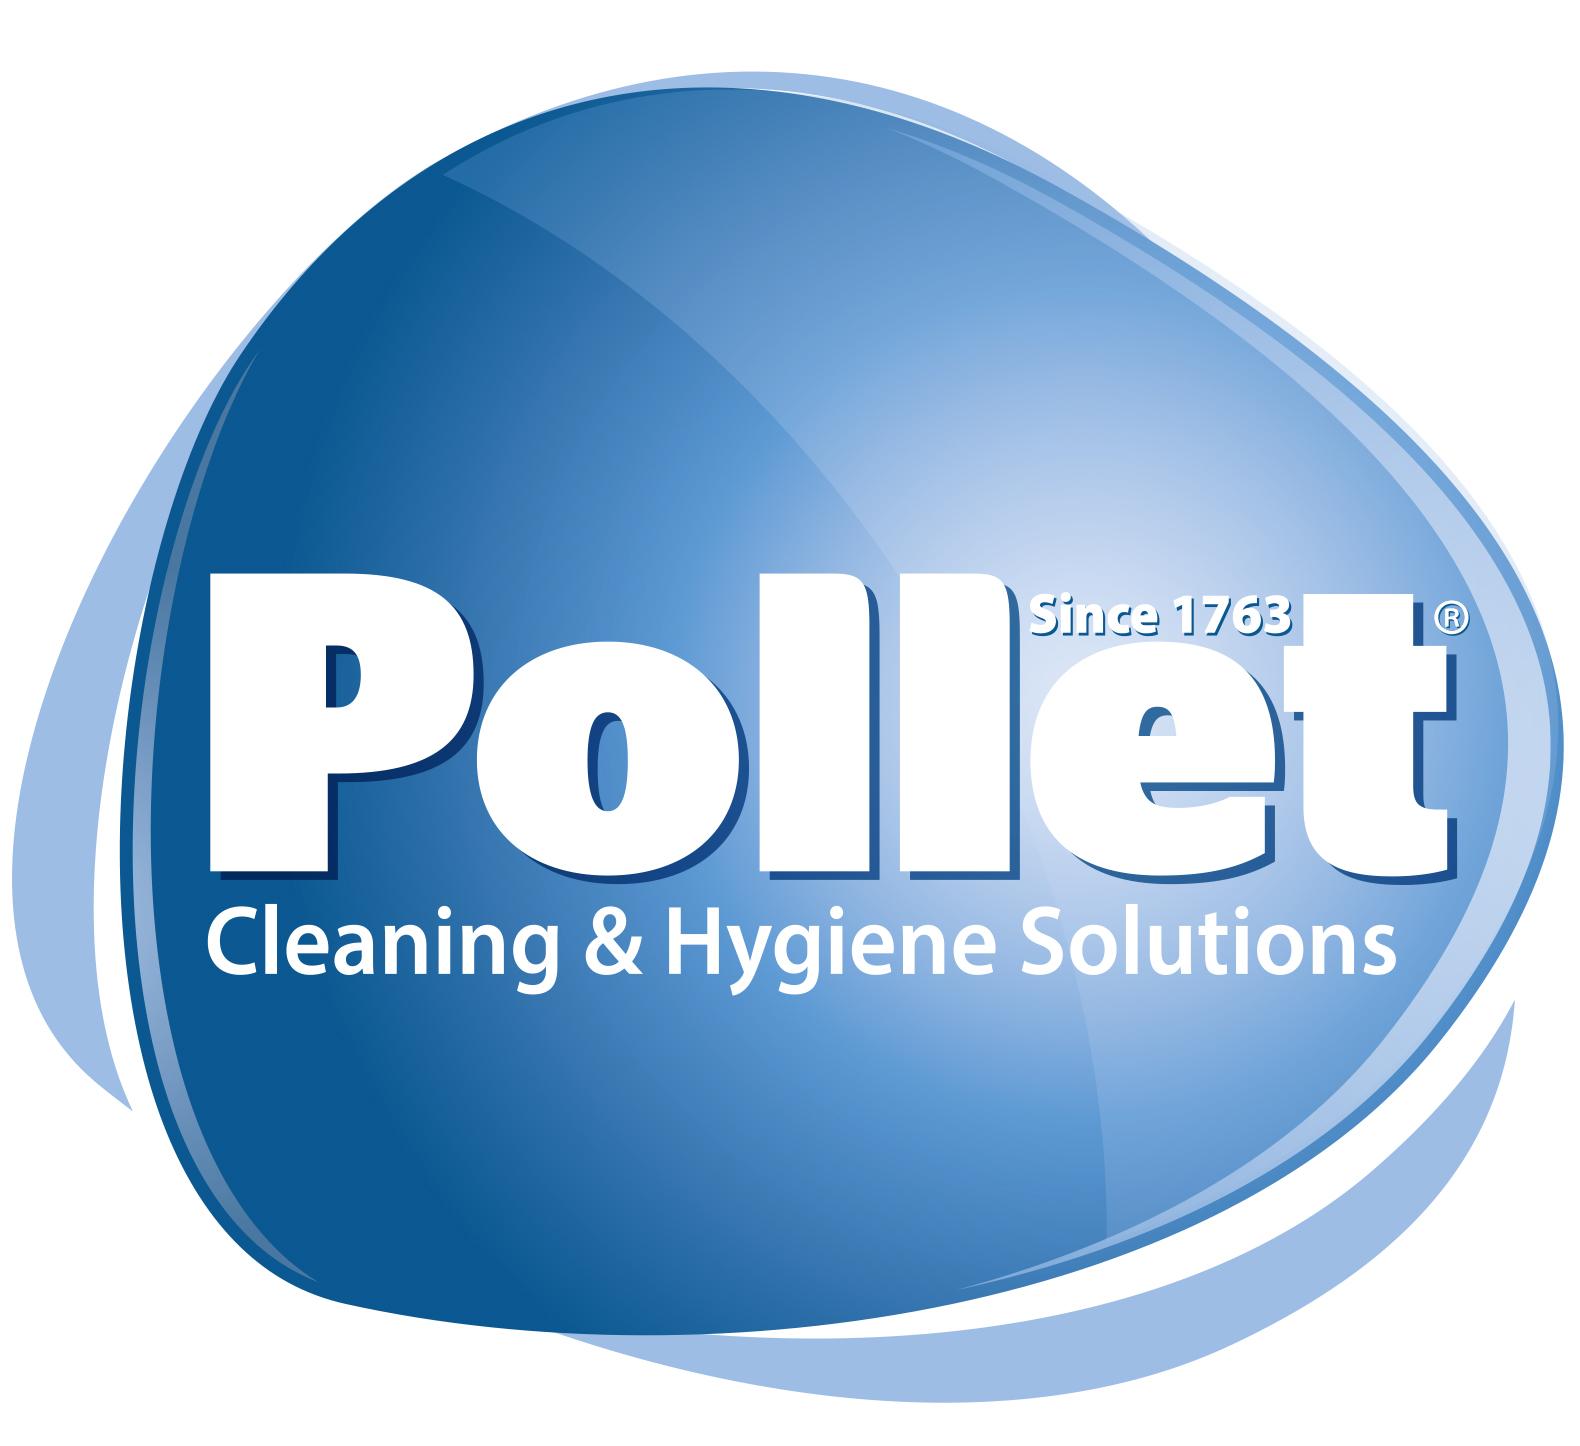 Le Groupe Saturne - Partenaires - Pollet - Nettoyage professionnel - Entreprise de nettoyage